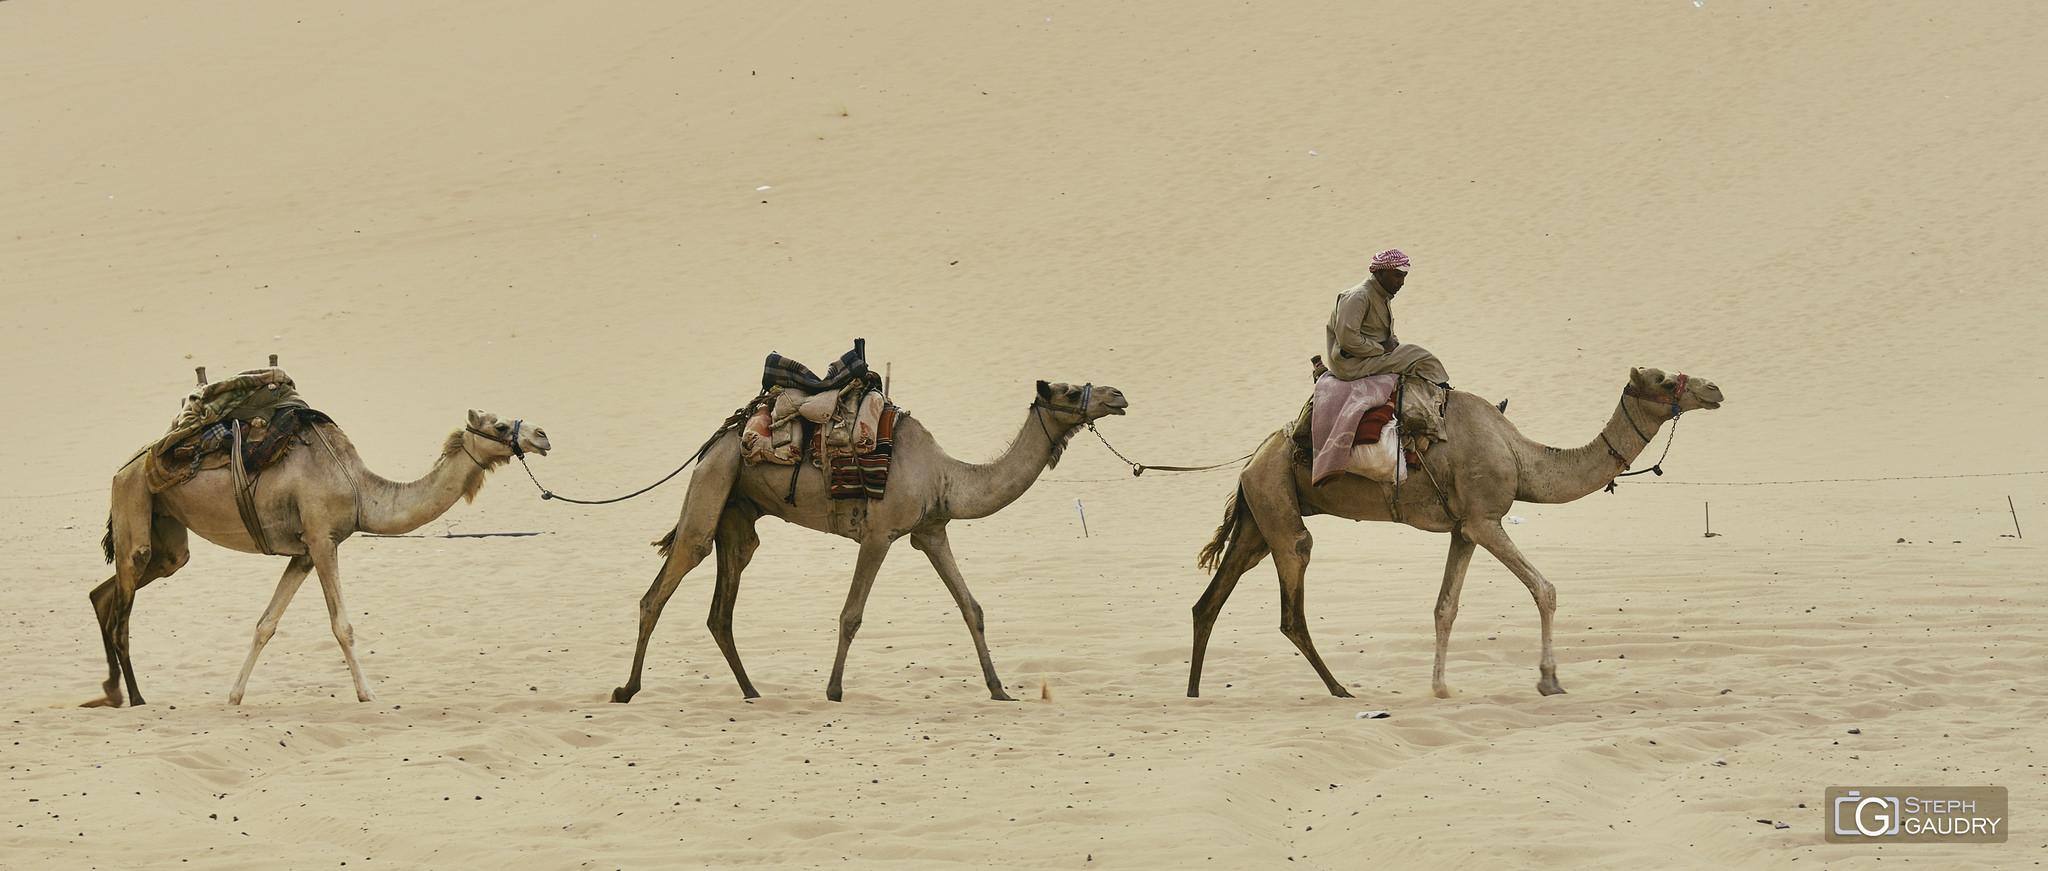 L'hirondelle ne fait pas le printemps, mais le chameau fait le désert. [Cliquez pour lancer le diaporama]